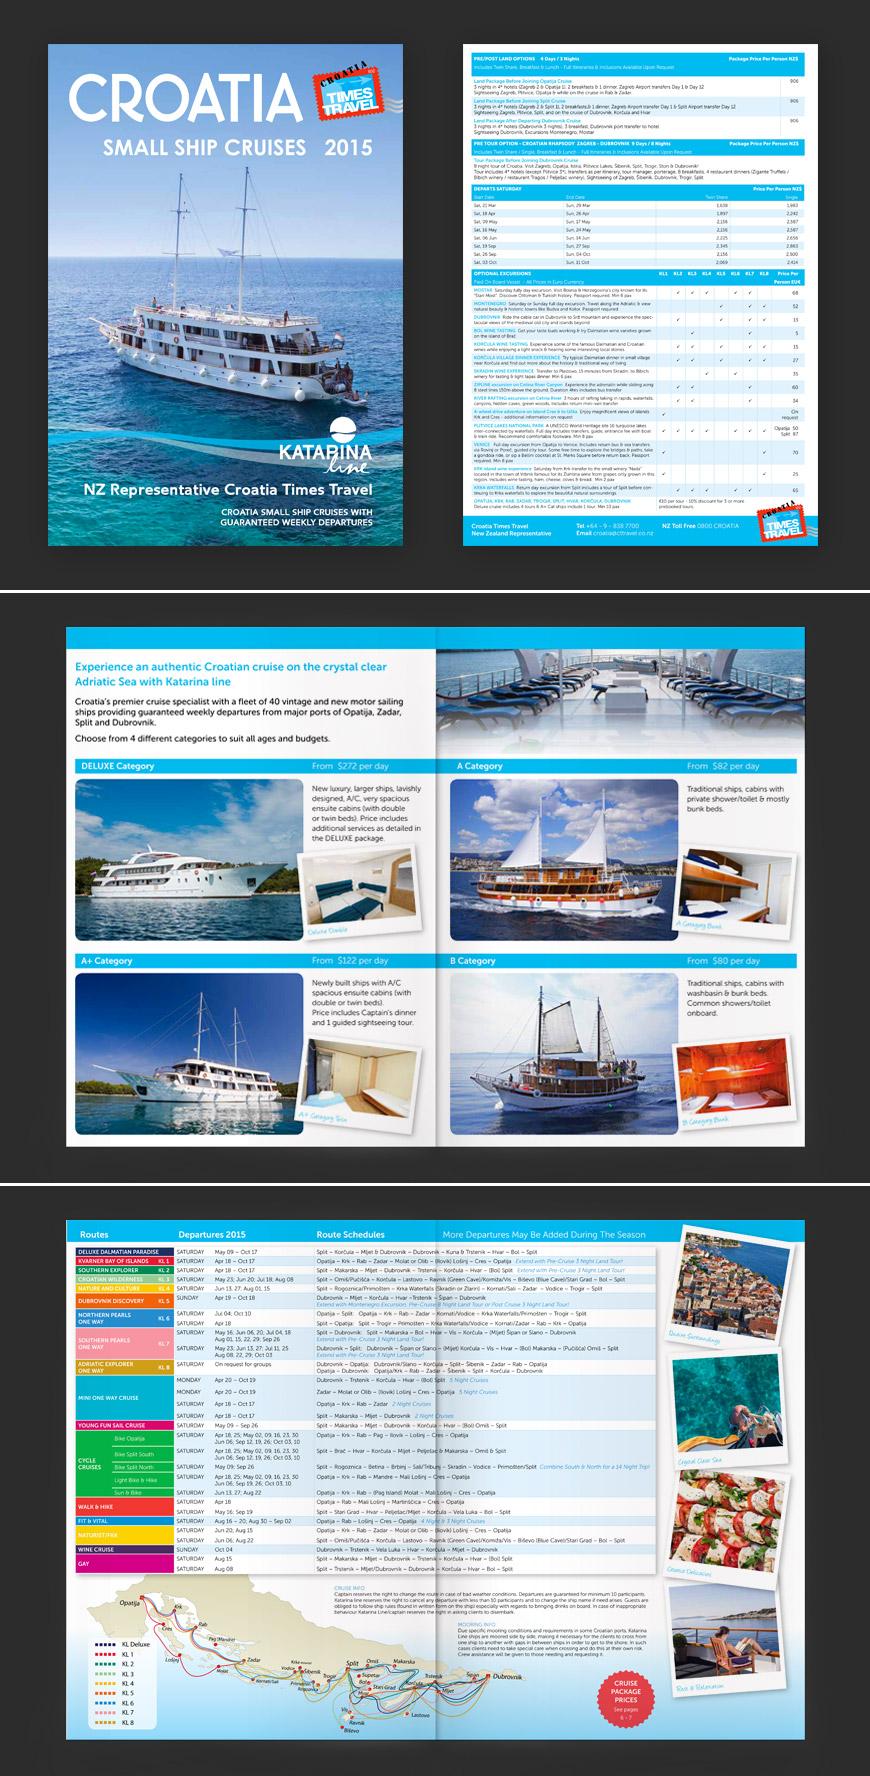 15 Folletos De Viajes Y Turismo Con Excelente Diseño